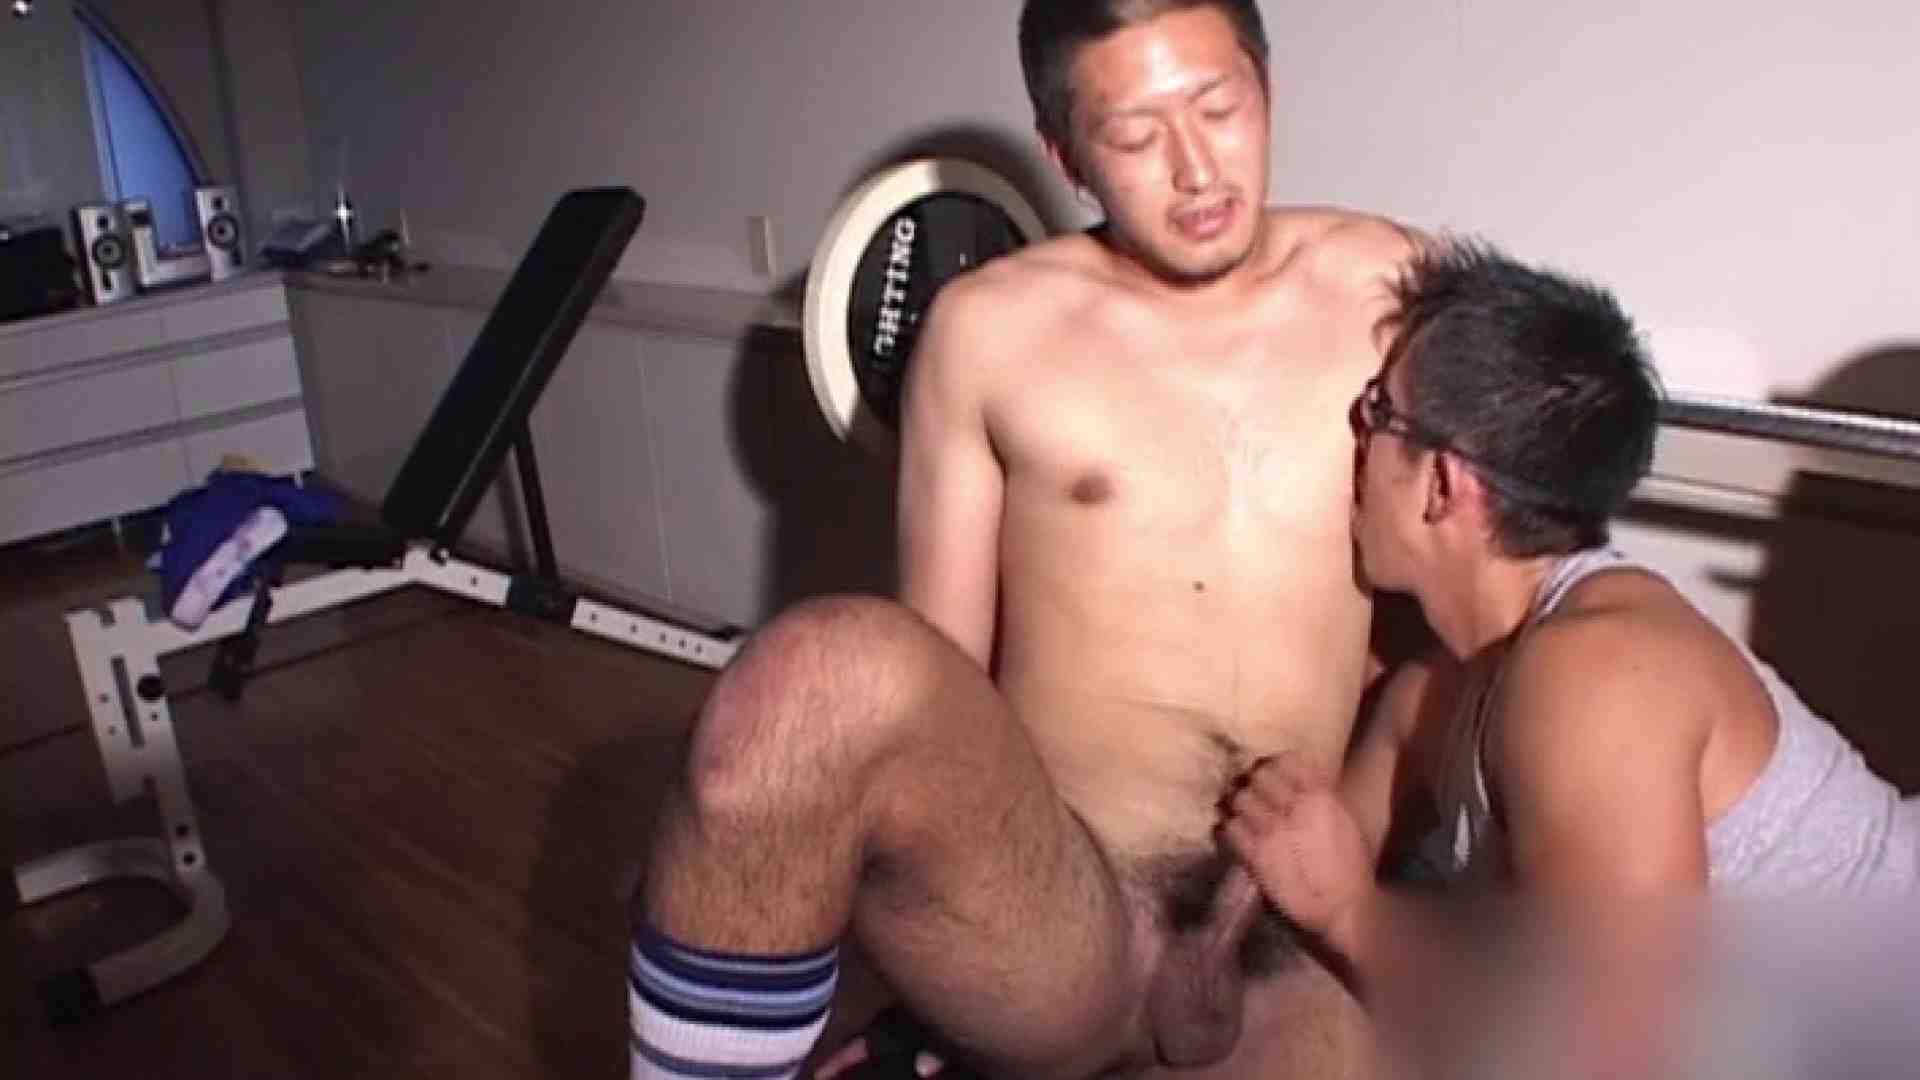 珍肉も筋肉の内!!vol.1 アナル責め ゲイ無修正動画画像 86枚 82